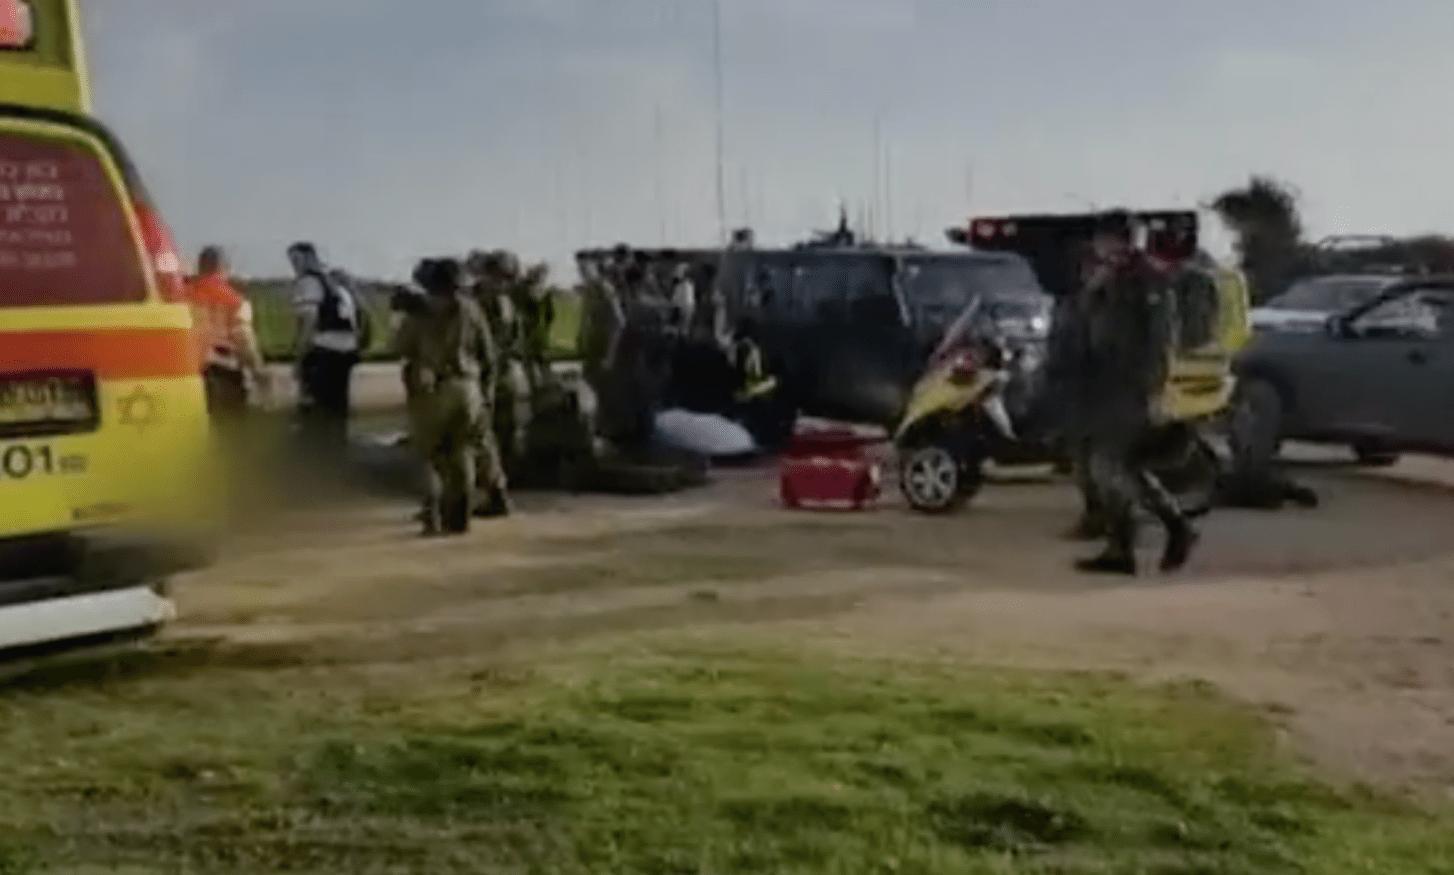 Fire israelske soldater ble skadet av en veibombe ved grensen mellom Israel og Gazastripen. (Foto: Skjermdump Hadashot news)